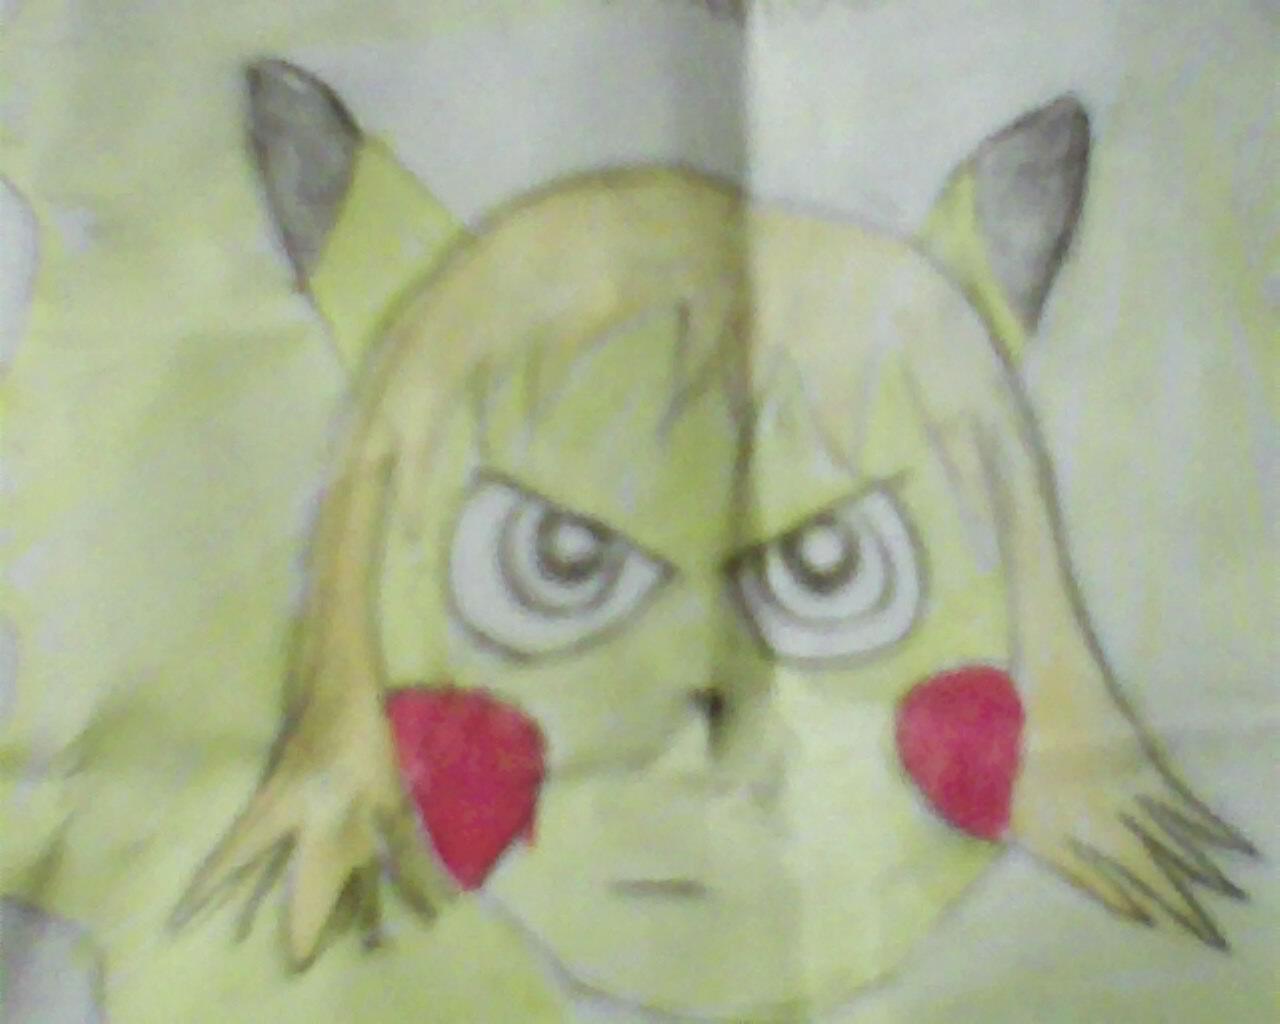 Pikachu's Eye